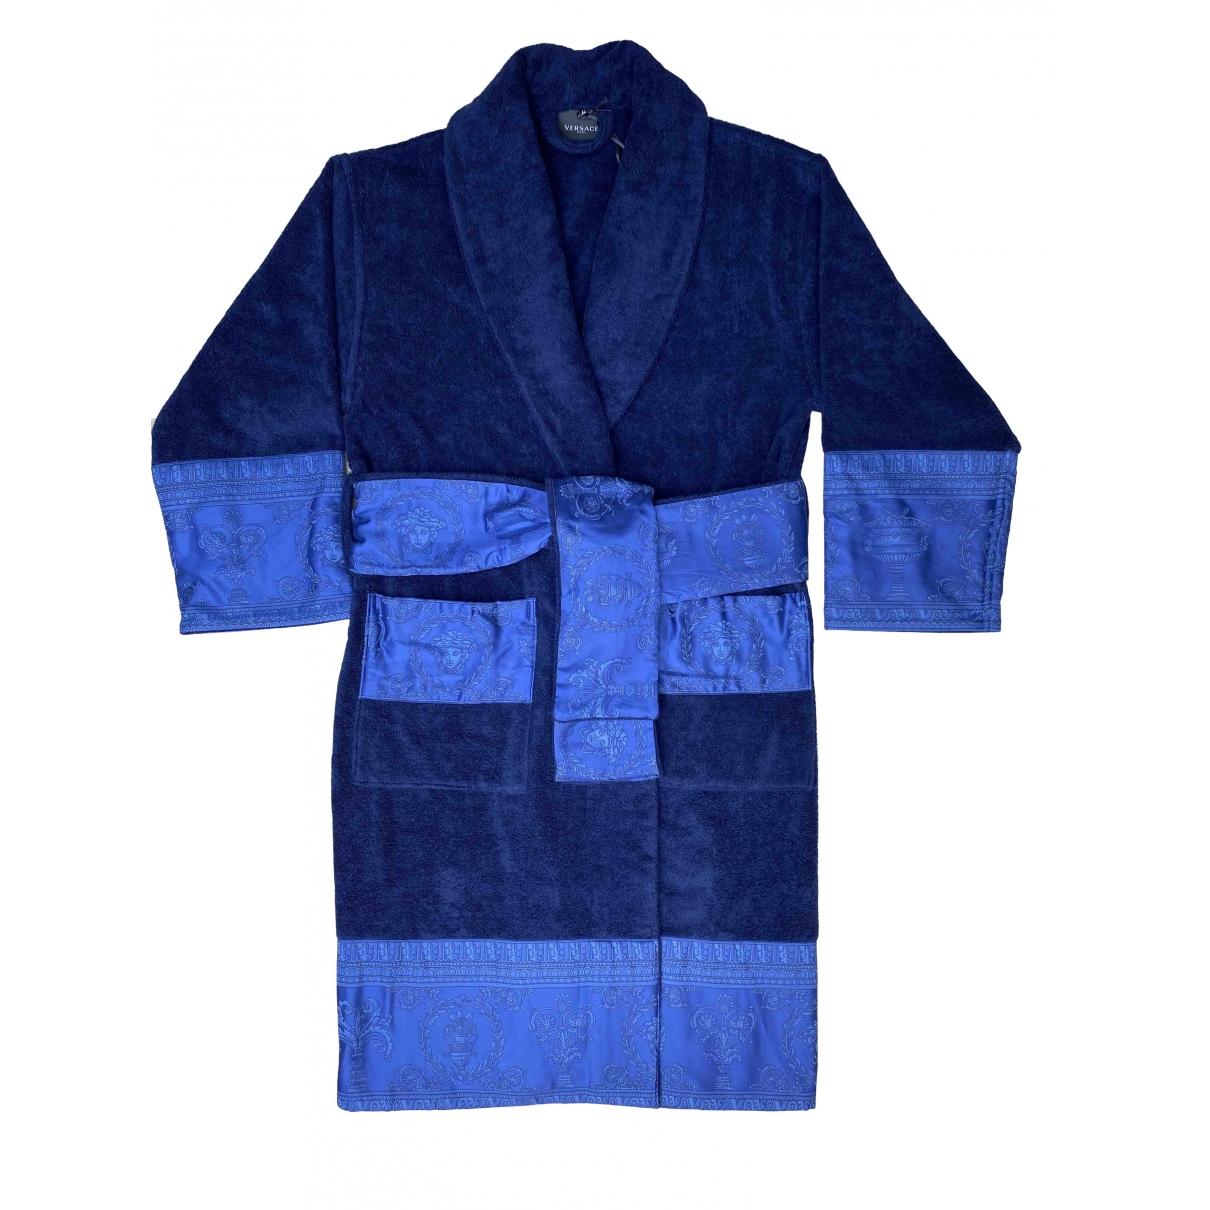 Versace - Linge de maison   pour lifestyle en coton - bleu